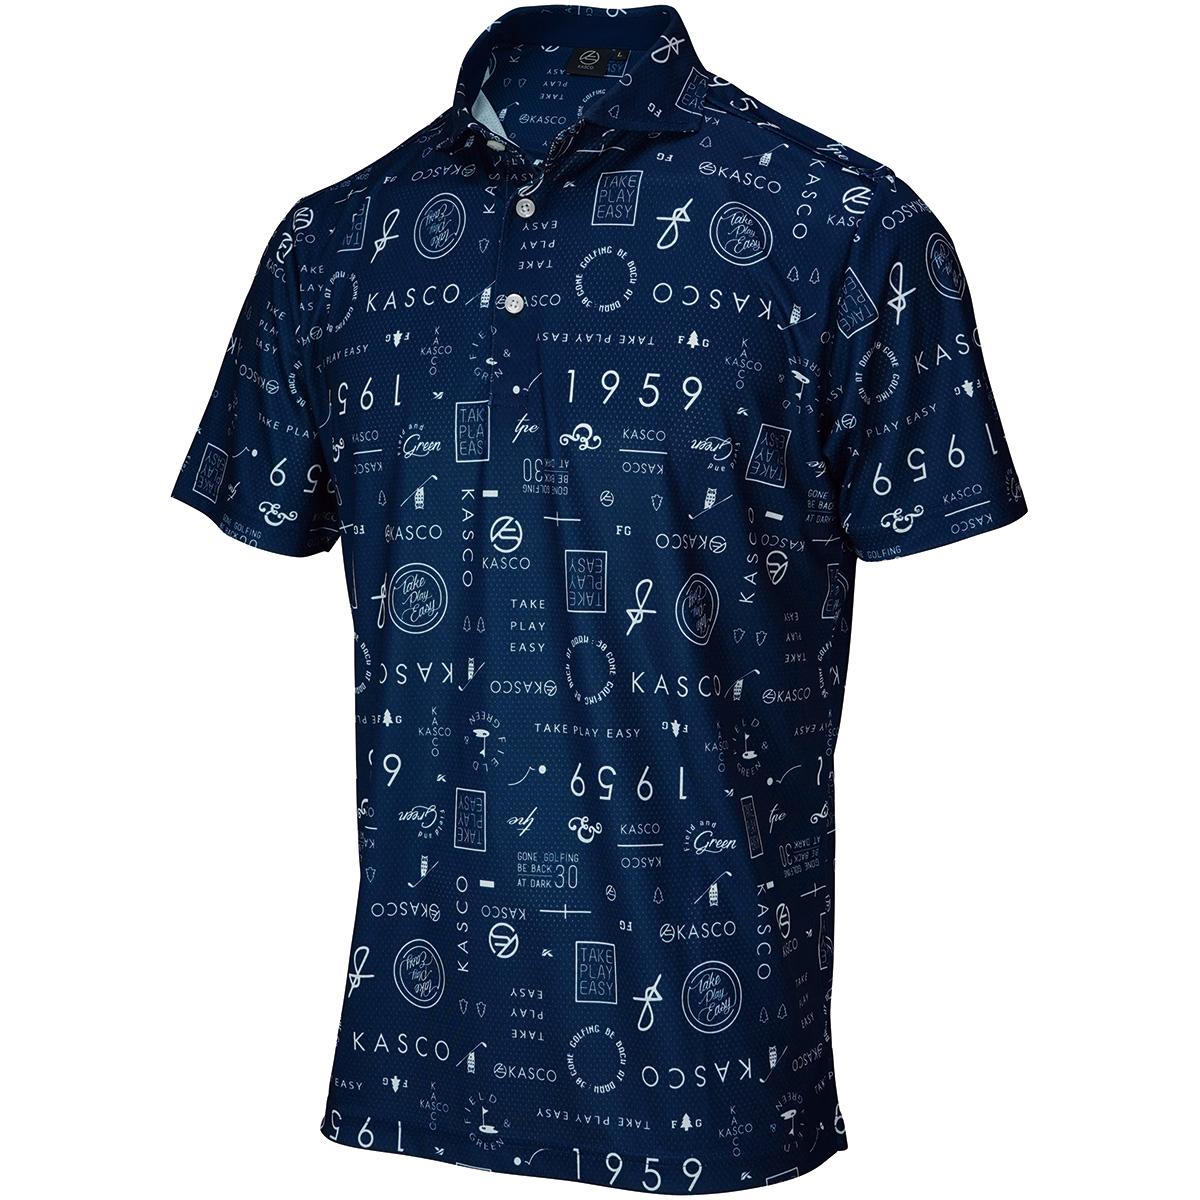 ロゴタイポ 半袖ポロシャツ